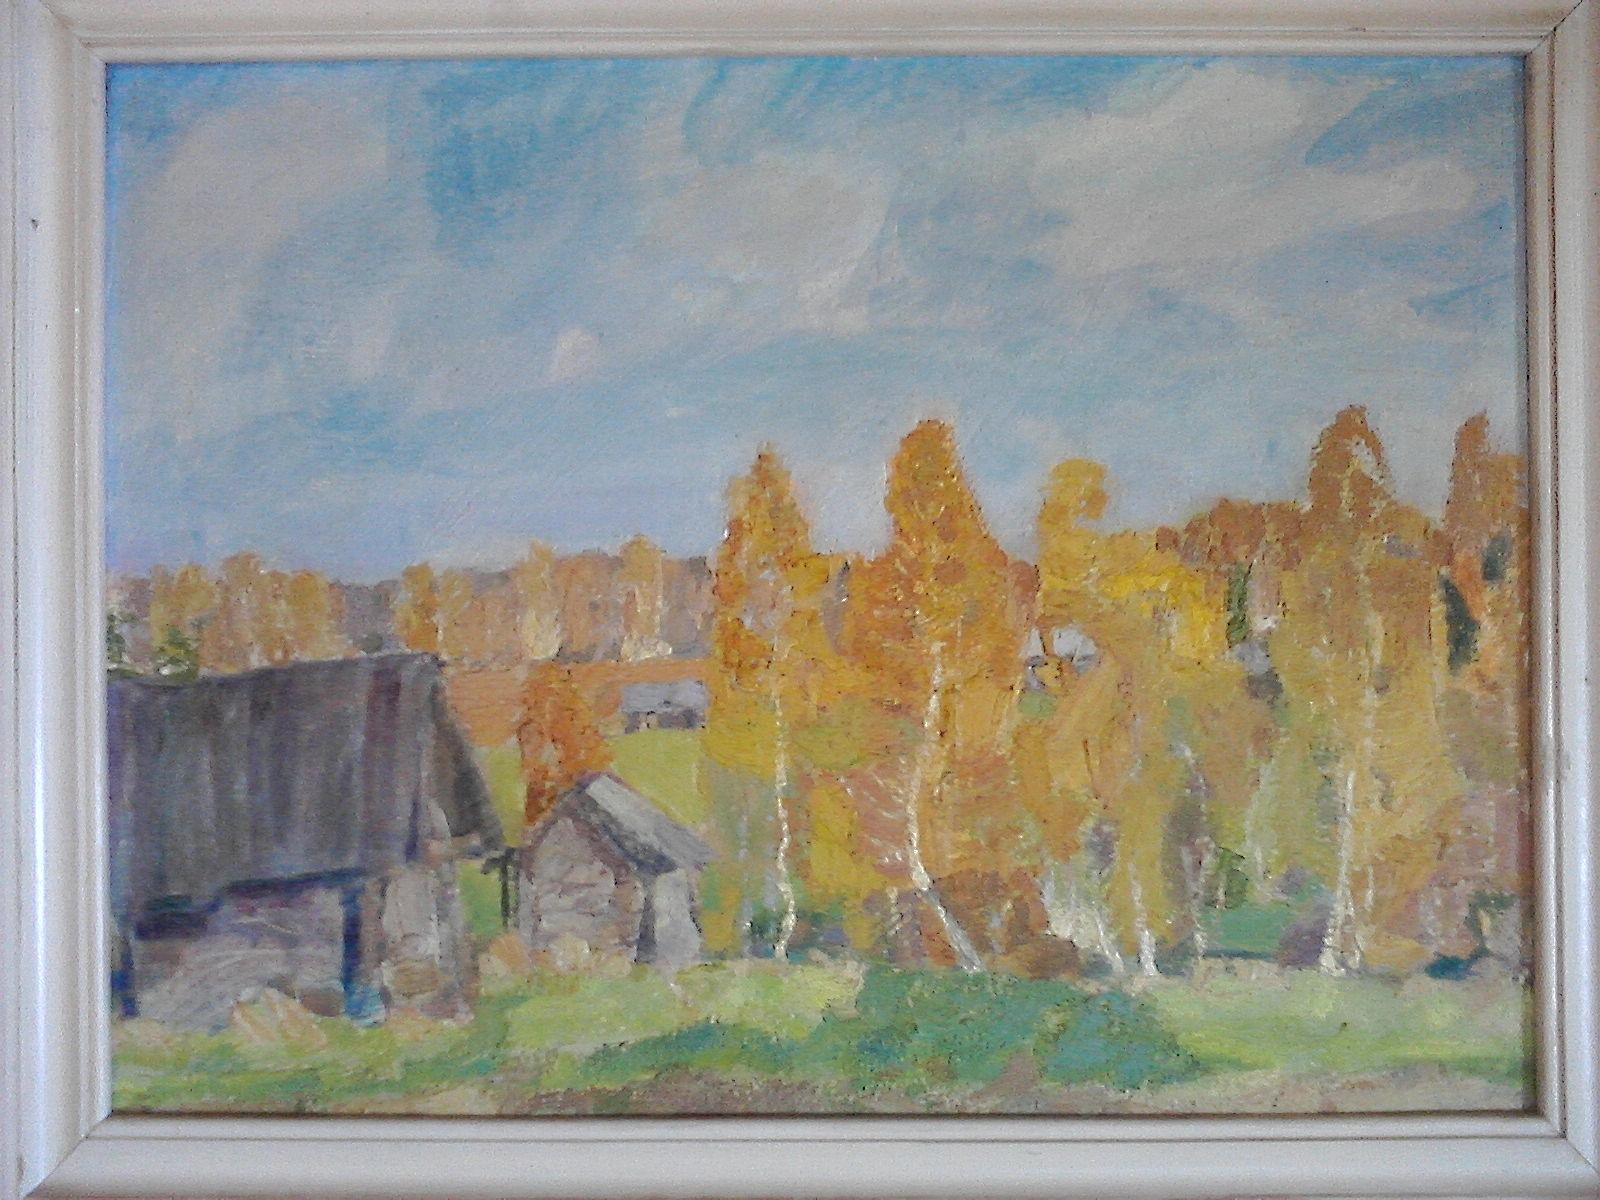 Егоров Валерий Сергеевич. Солнечное утро